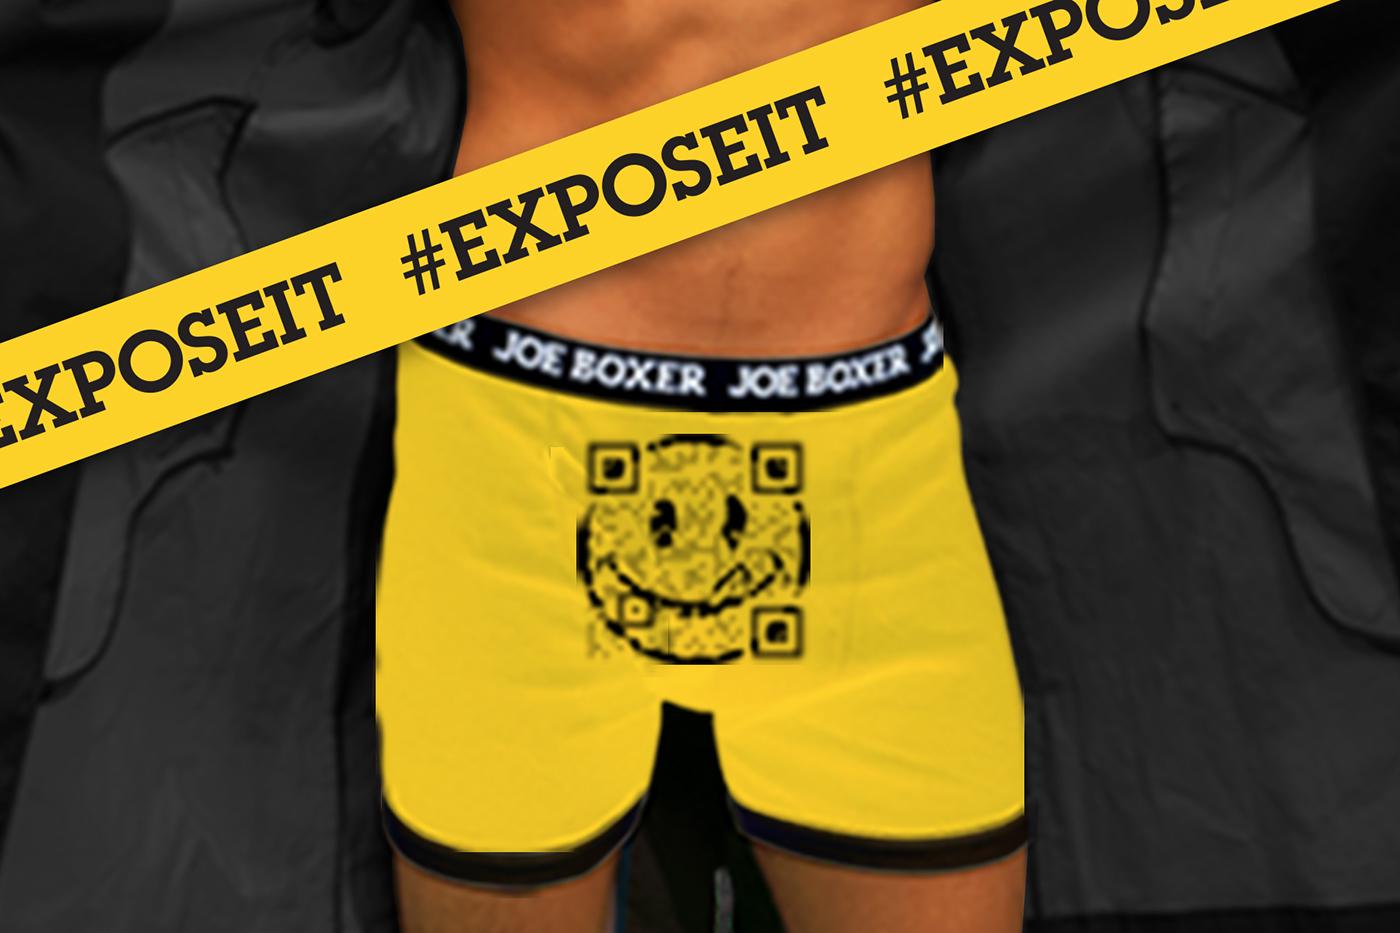 Joe Boxer #EXPOSEIT on Behance